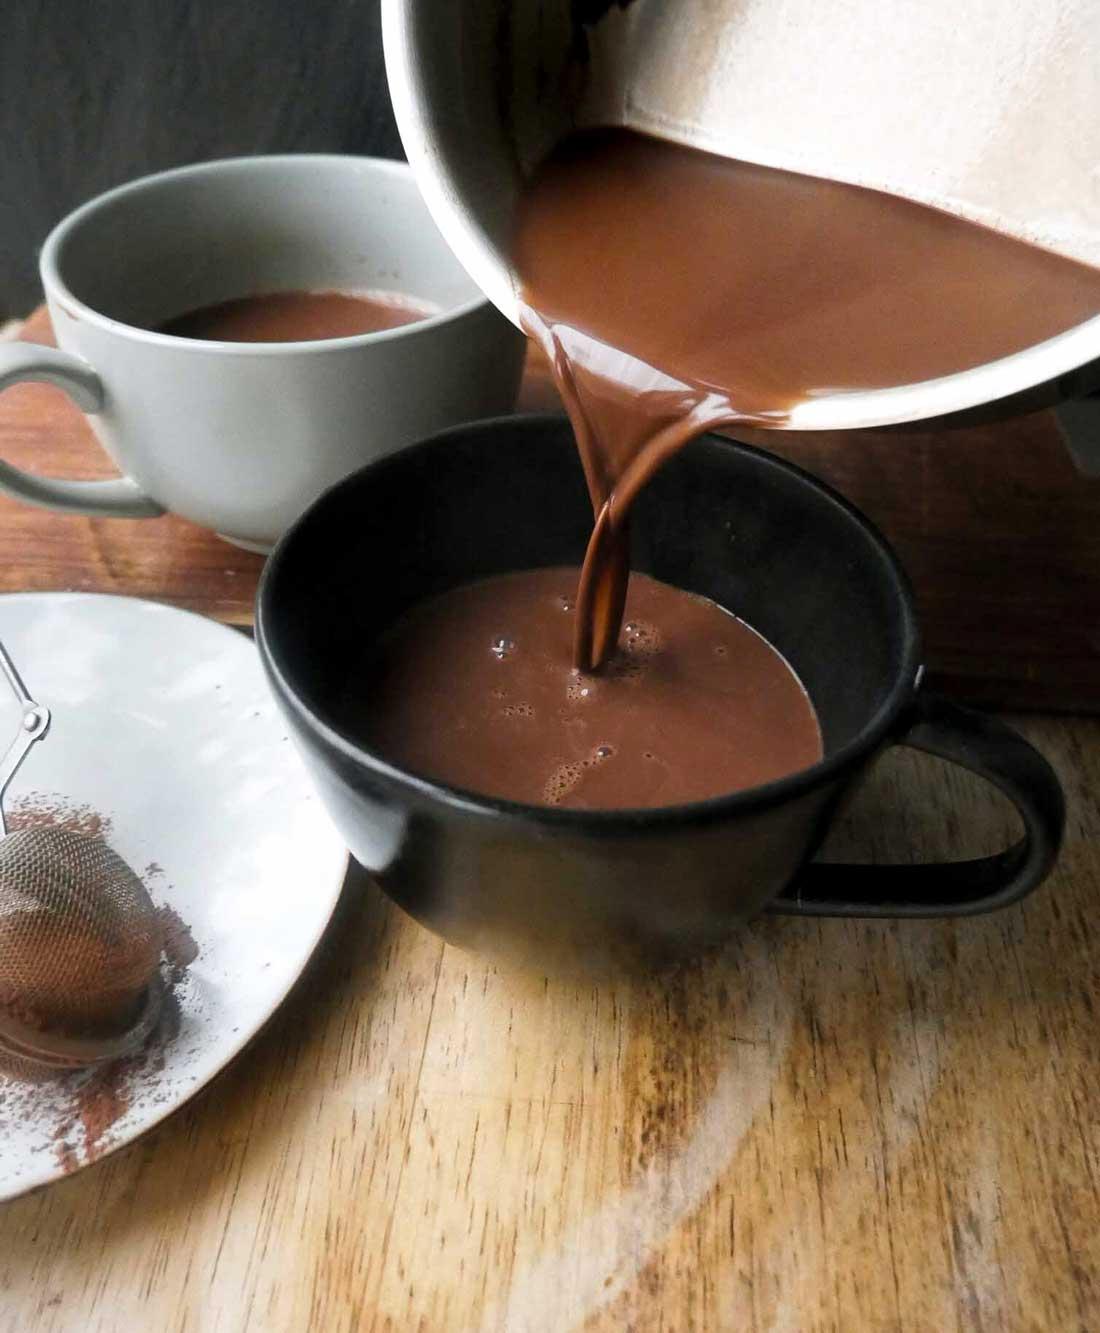 sådan laves varm kakao med havremælk eller mandelmælk